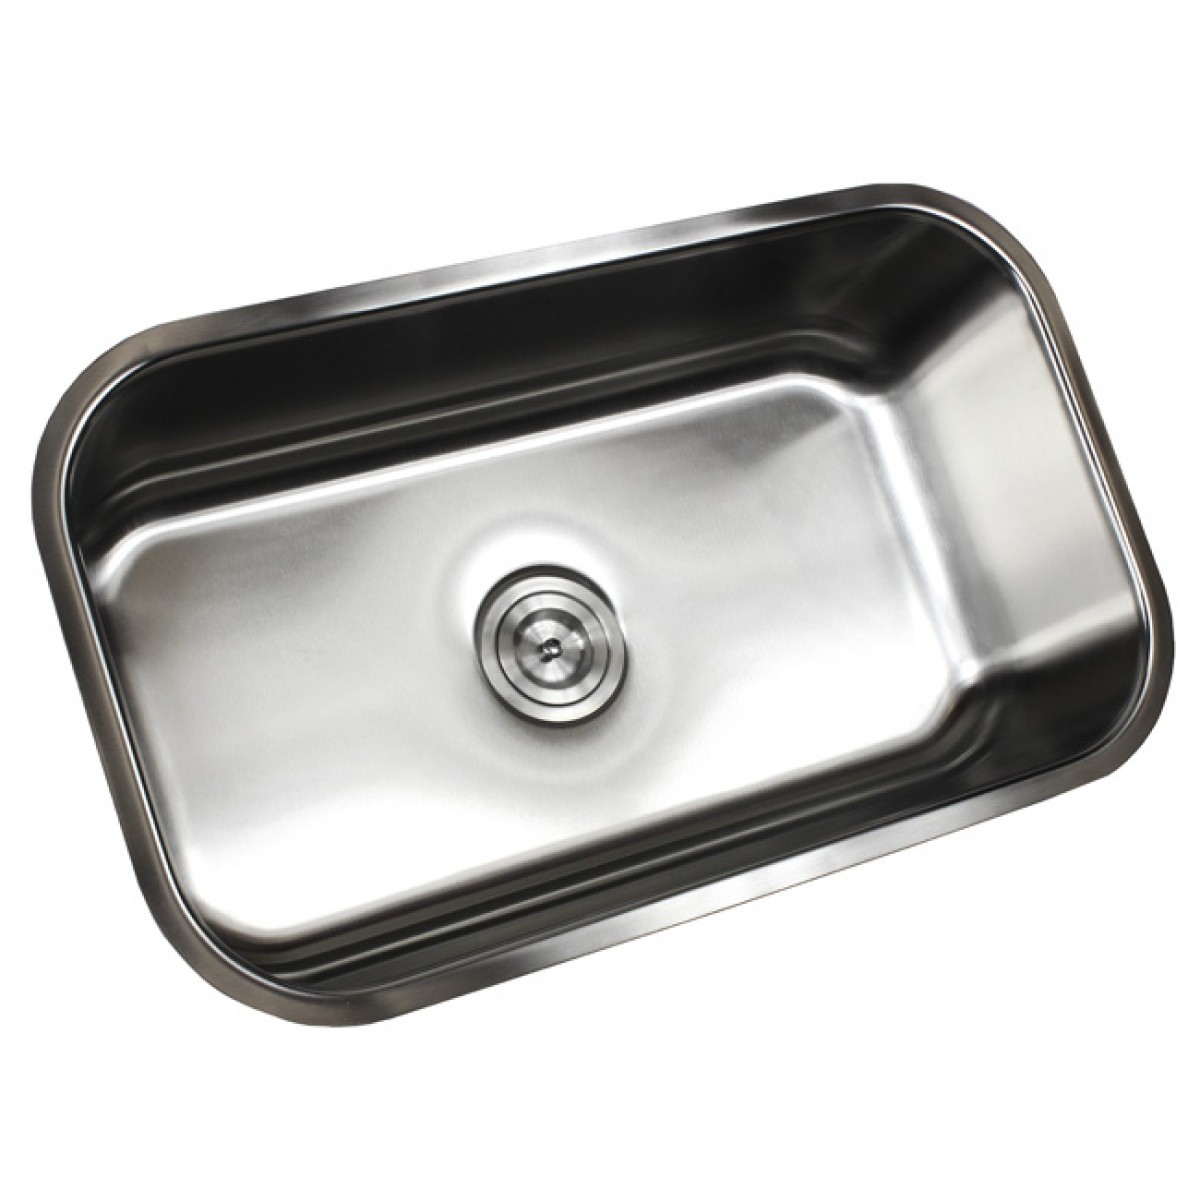 Ariel pearl 30 inch premium 16 gauge stainless steel - Stainless steel kitchen sink accessories ...